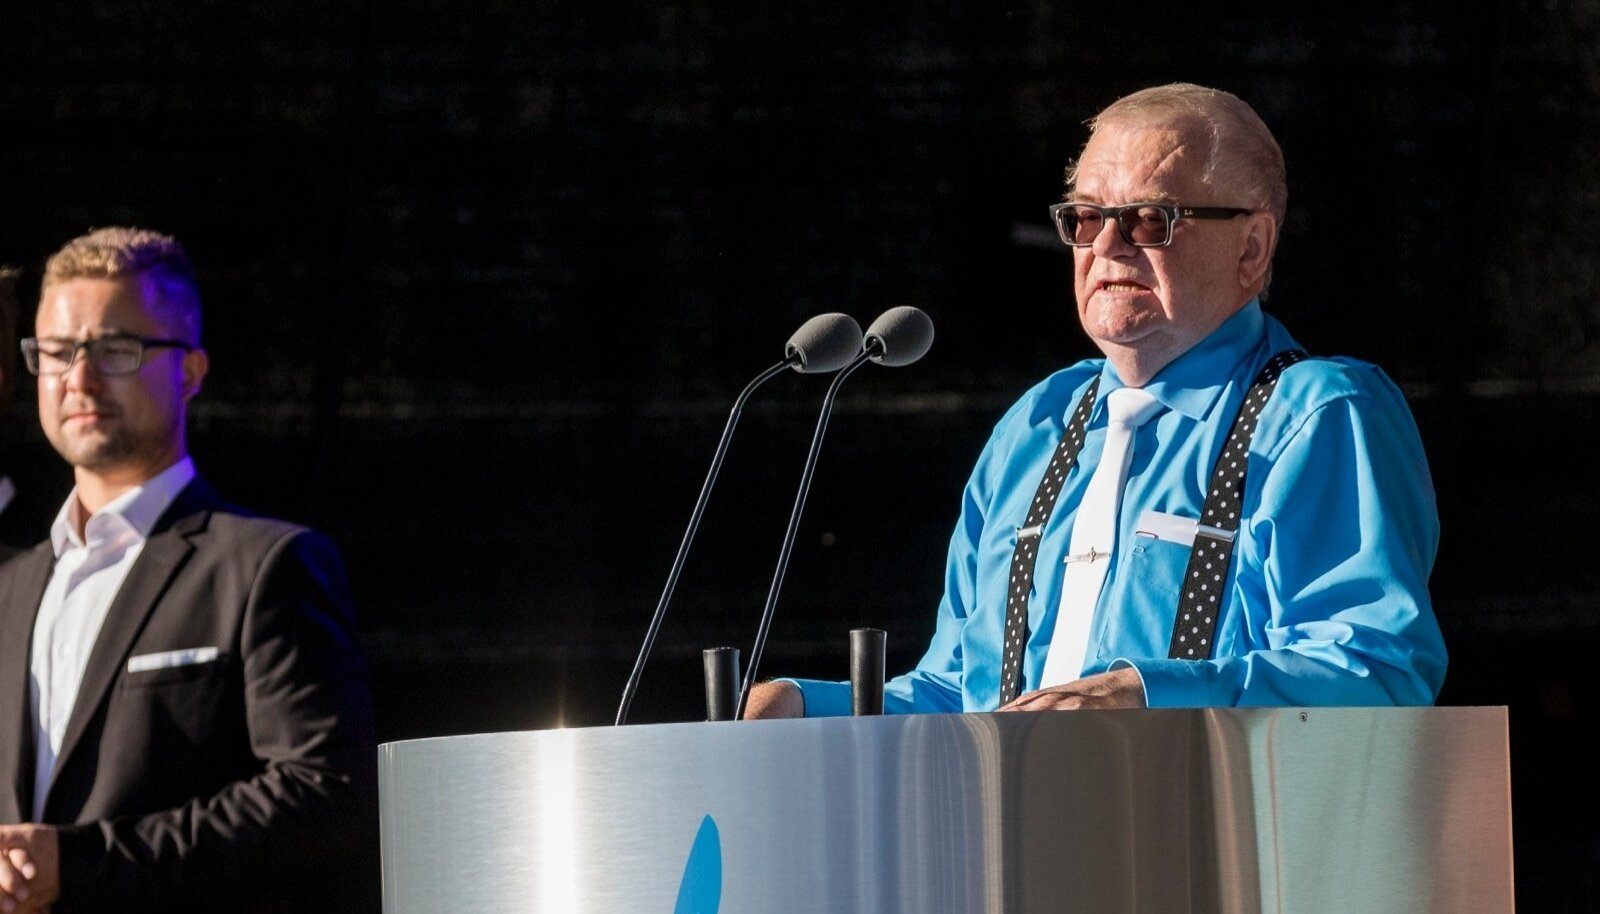 Edgar Savisaar esines kõnega Vabaduse väljaku kontserdil 20. augustil 2015